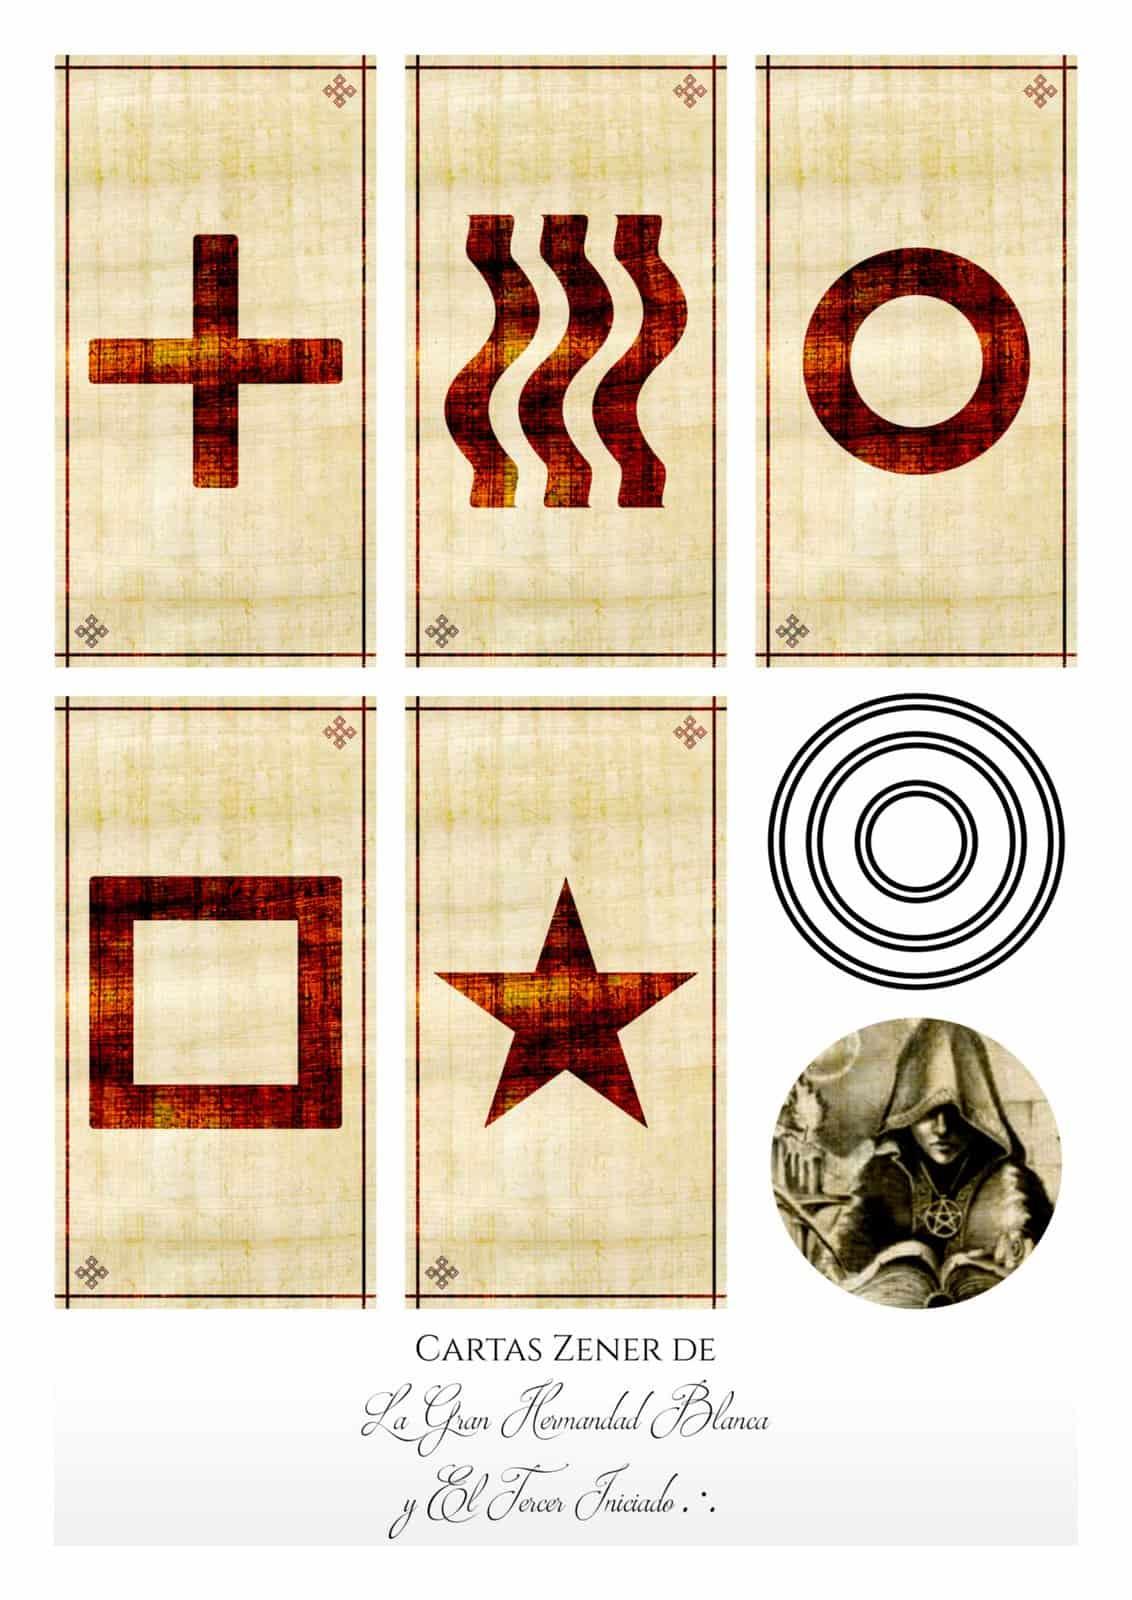 1 cartas zener amverso 001 cartas zener para imprimir ID172894 - hermandadblanca.org